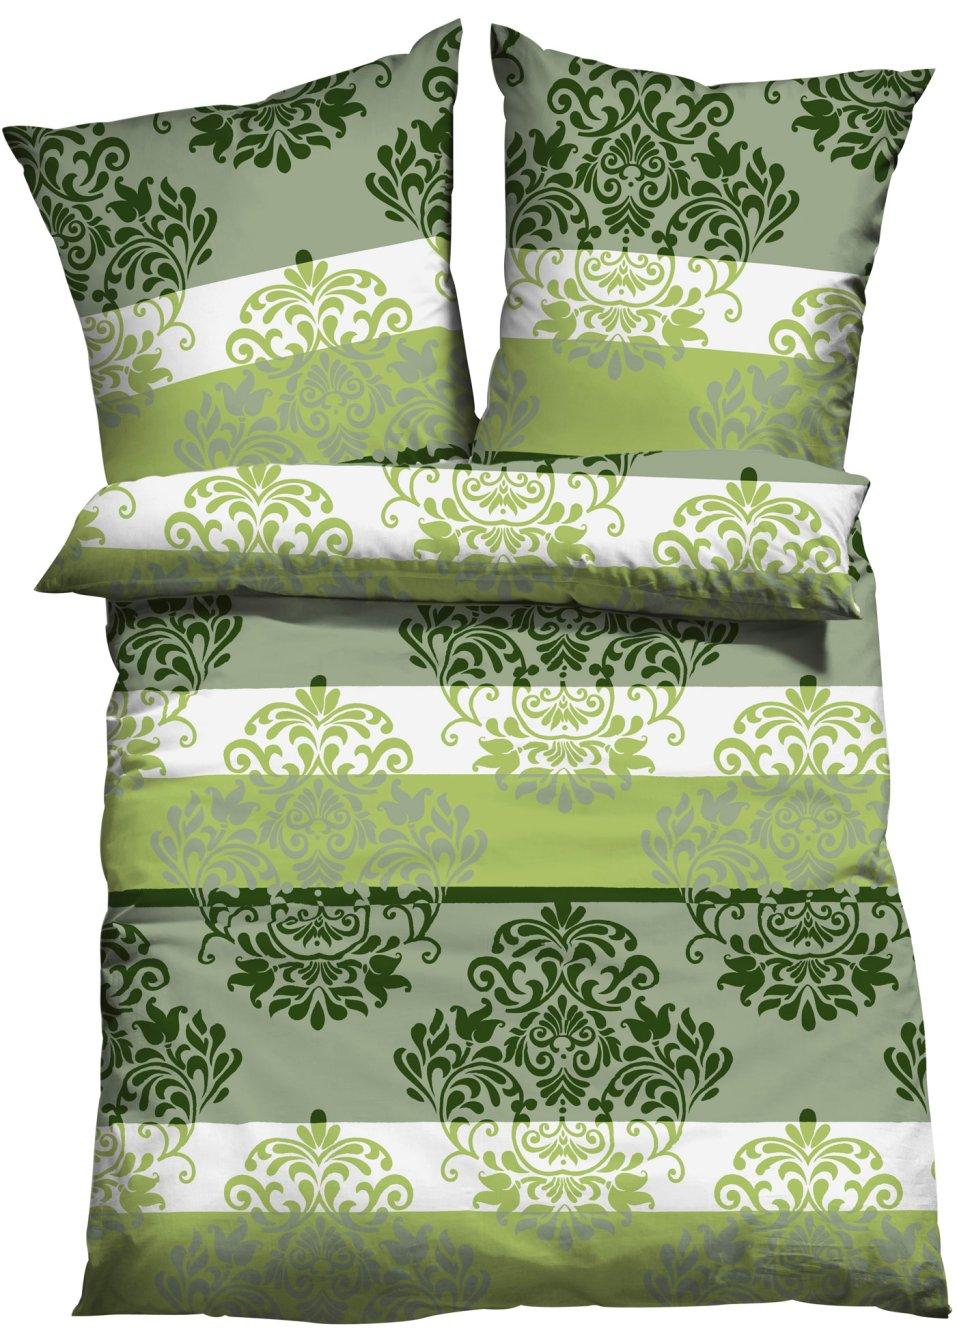 f r exklusiven schlafkomfort die bettw sche ornament. Black Bedroom Furniture Sets. Home Design Ideas